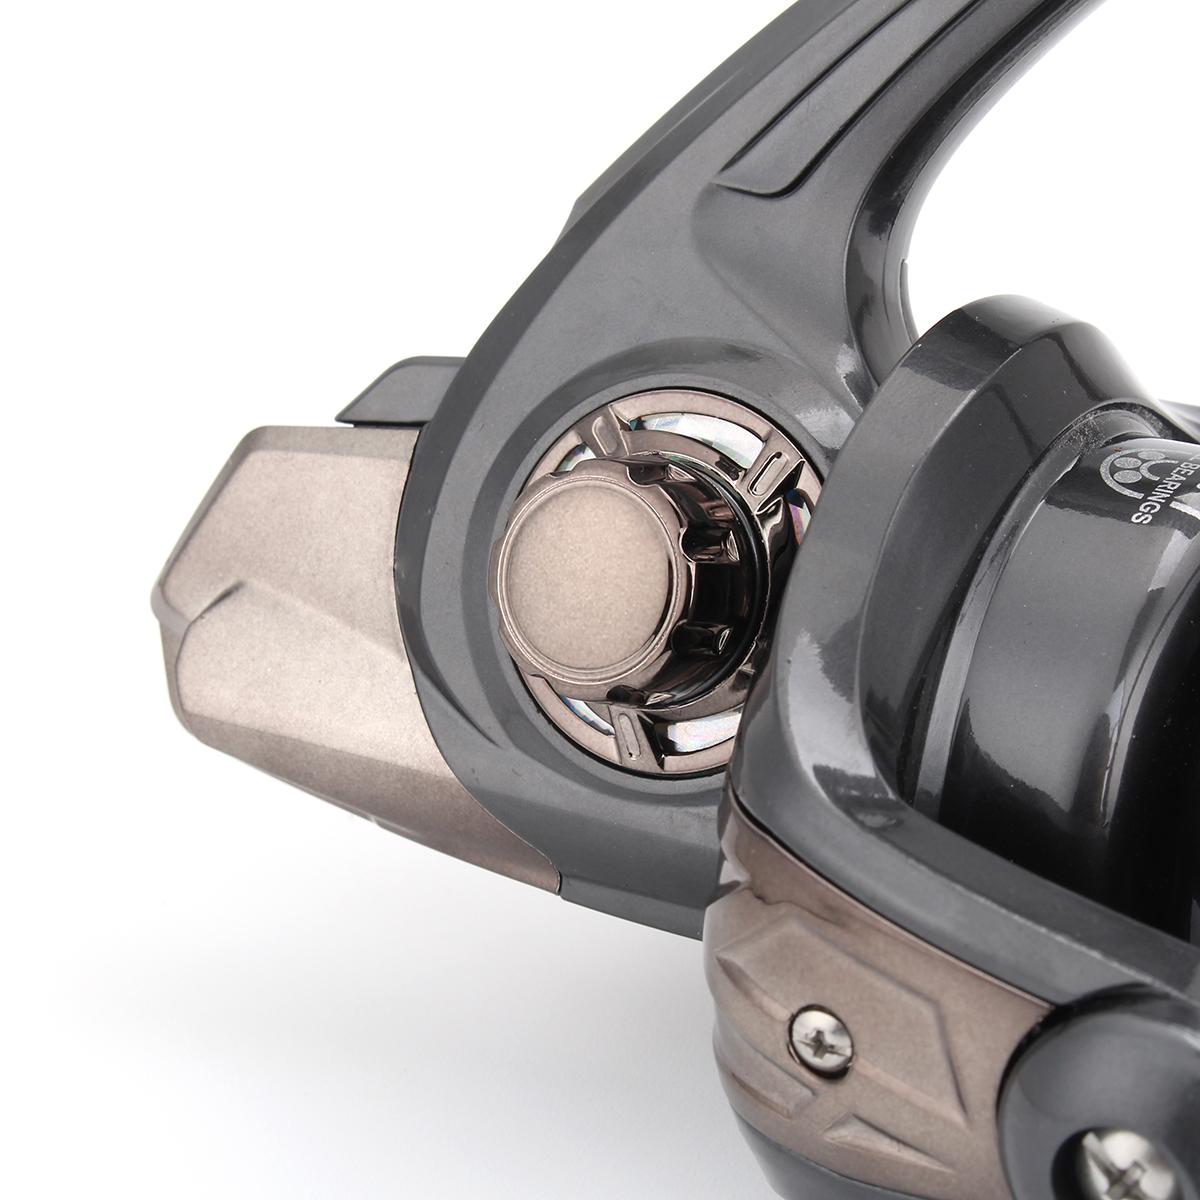 ZANLURE 5.2:1 13+1BB Metal Spinning Fishing Reel 5000-10000 Long Casting Fresh/Saltwater Fishing